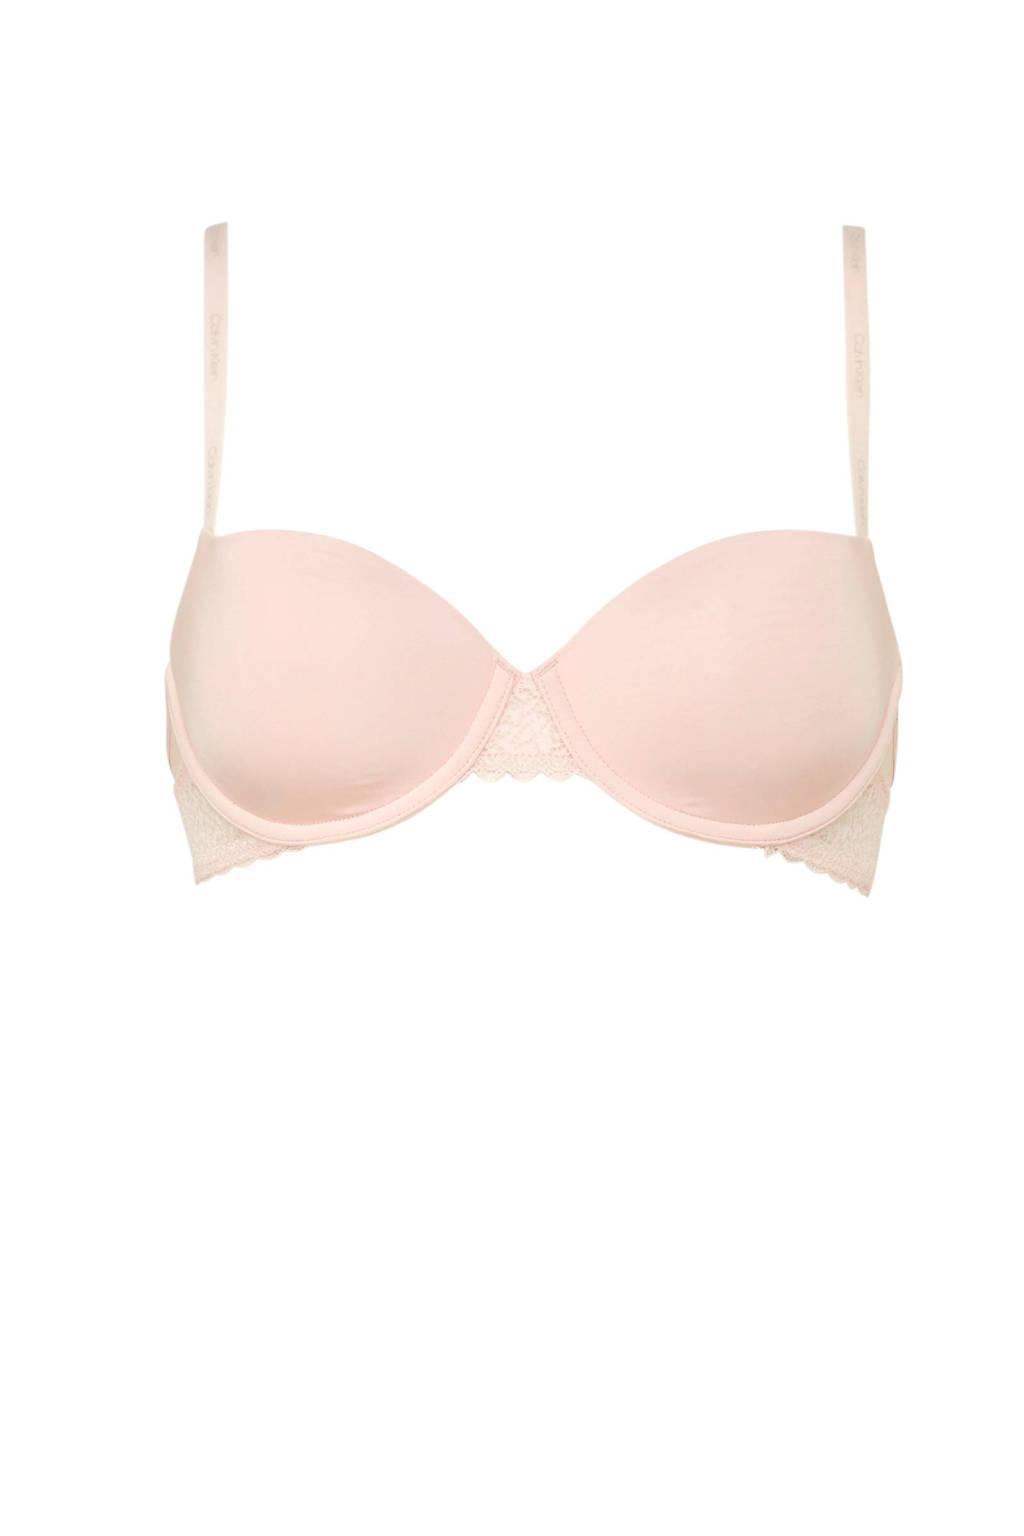 CALVIN KLEIN UNDERWEAR voorgevormde beugelbh Flirty roze, Lichtroze